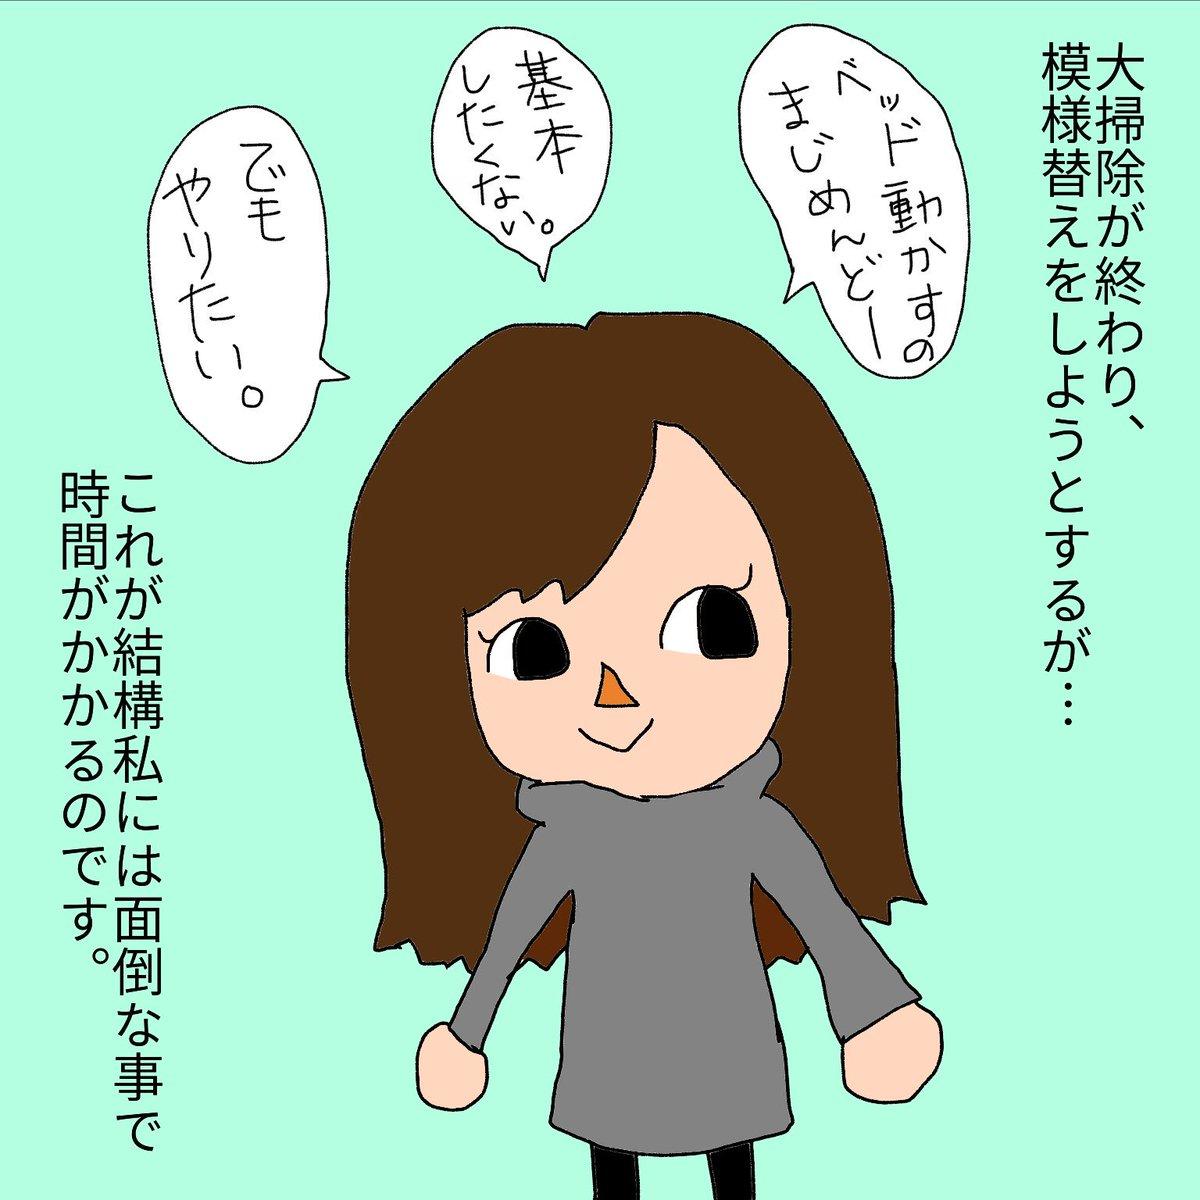 Haru On Twitter 明日は大晦日ですね大掃除と部屋の模様替えをして